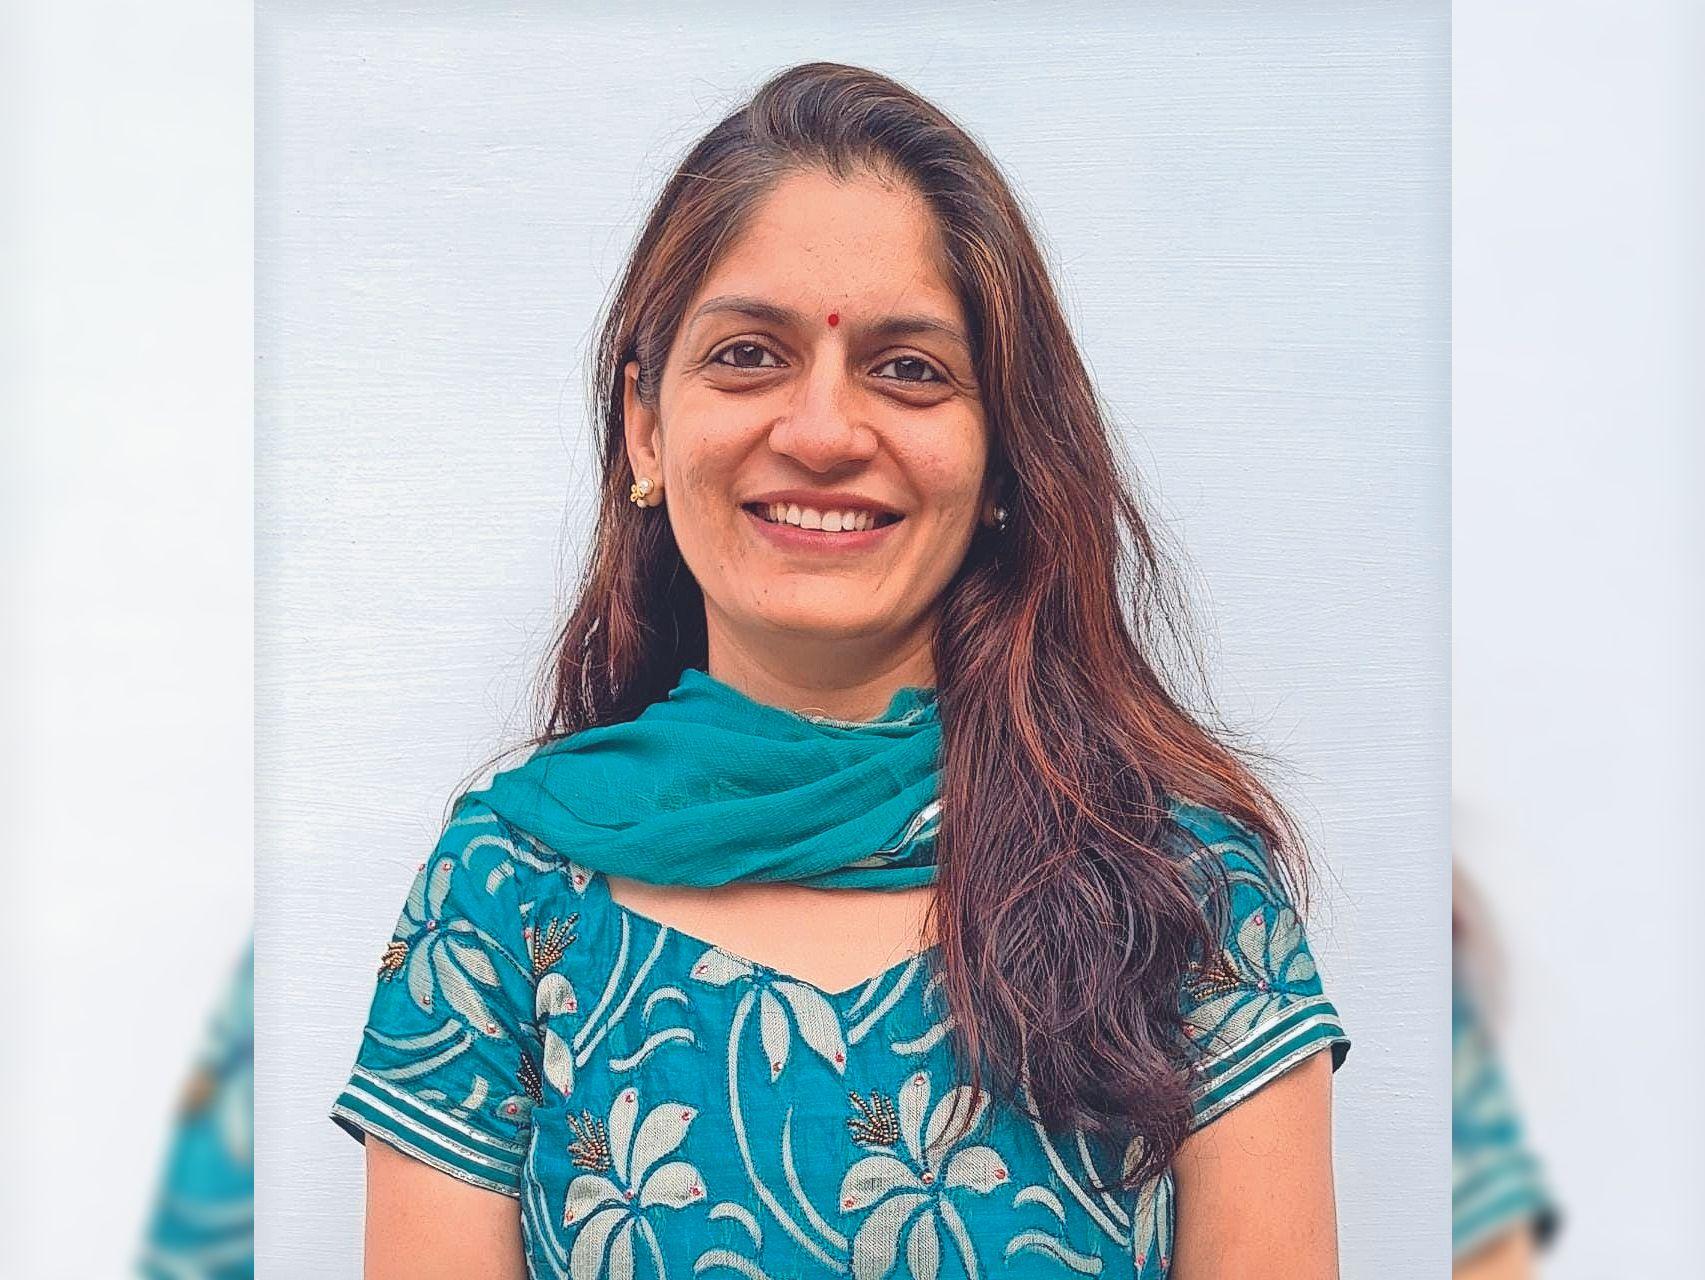 महाराष्ट्र में जीका के हालात जानने केन्द्र ने टीम भेजी, इसमें बीकानेर की डॉ. शिल्पी शामिल बीकानेर,Bikaner - Dainik Bhaskar